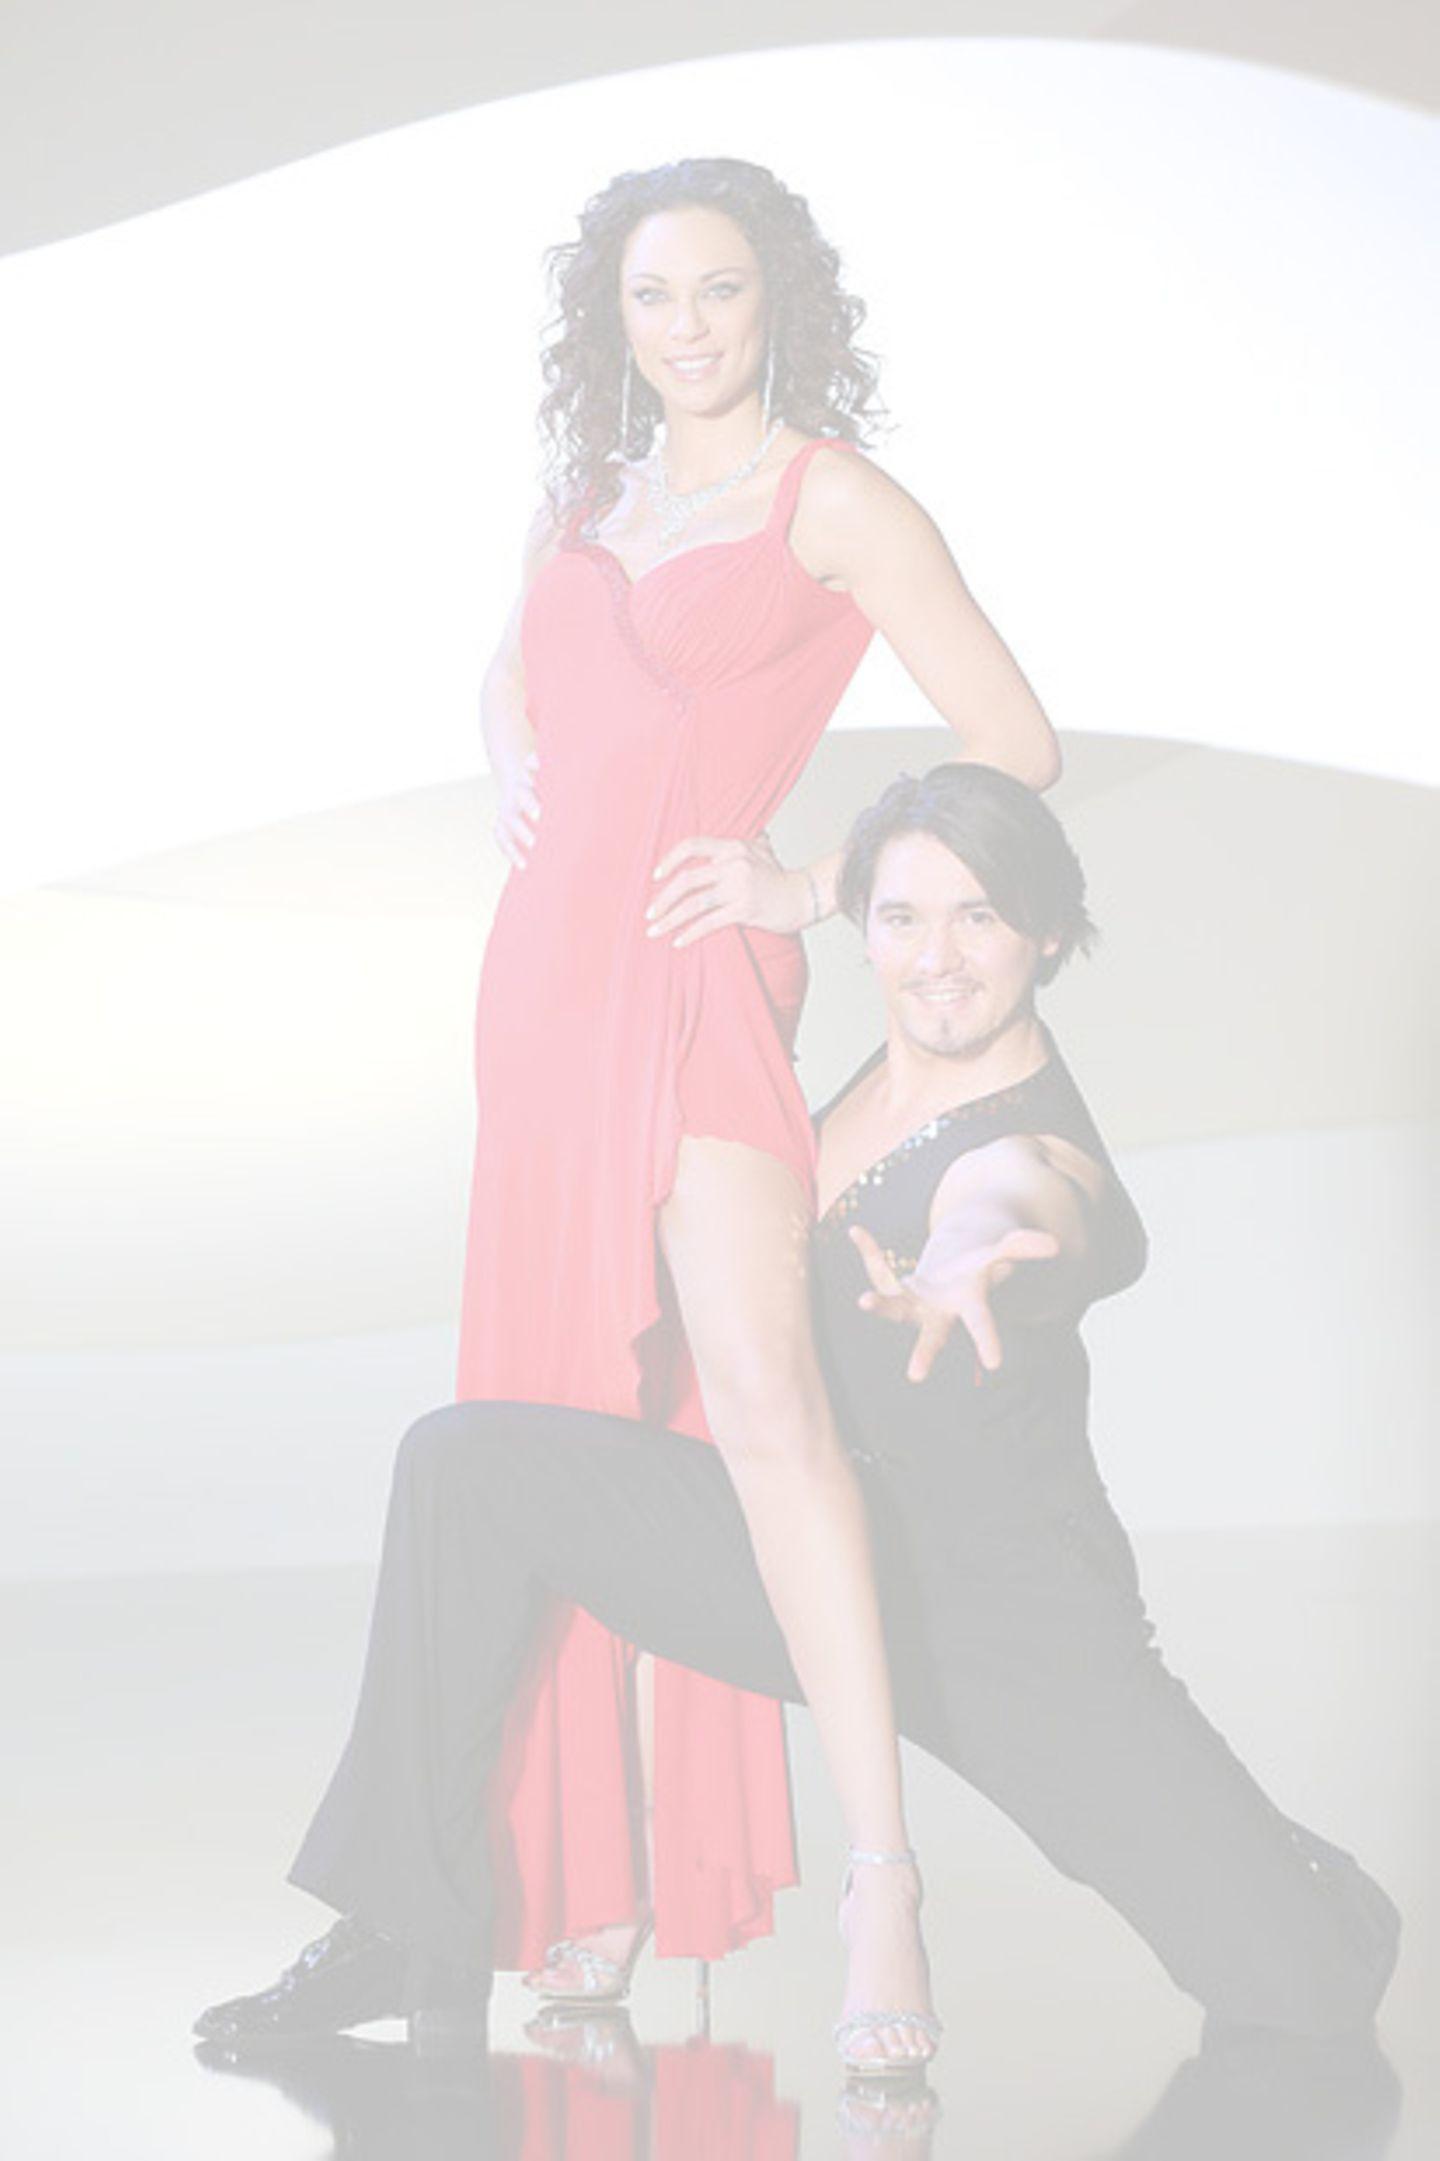 Lilly Becker tanzt mit Erich Klann.  Ausgeschieden in Show 6